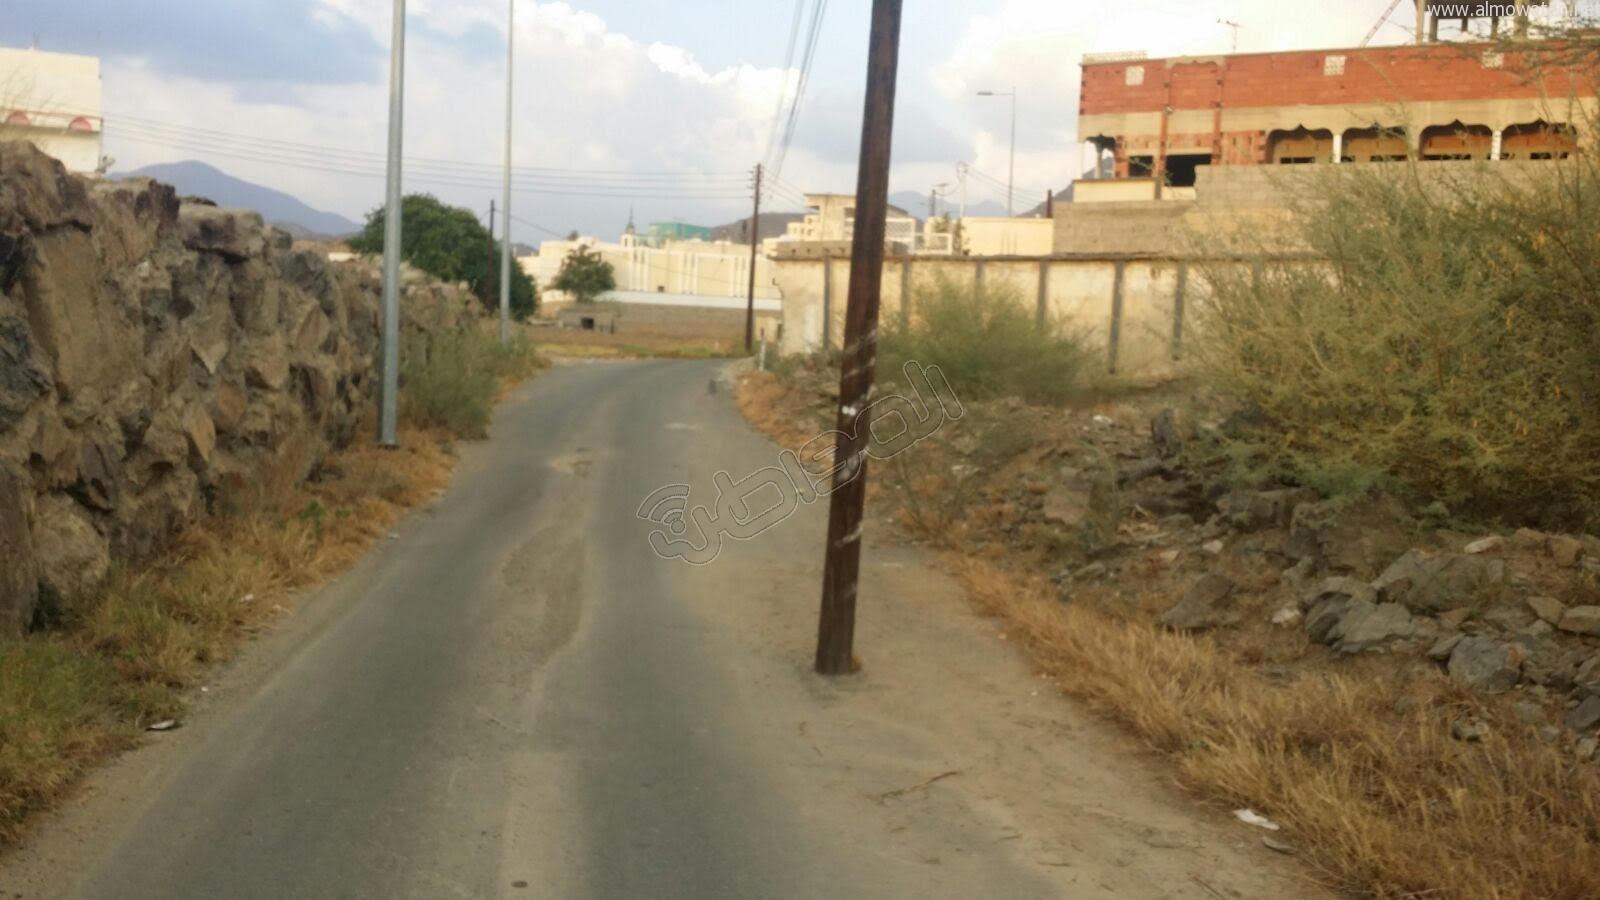 عمودين-كهرباء-يقتصان-شارع-بالمجاردة (2)